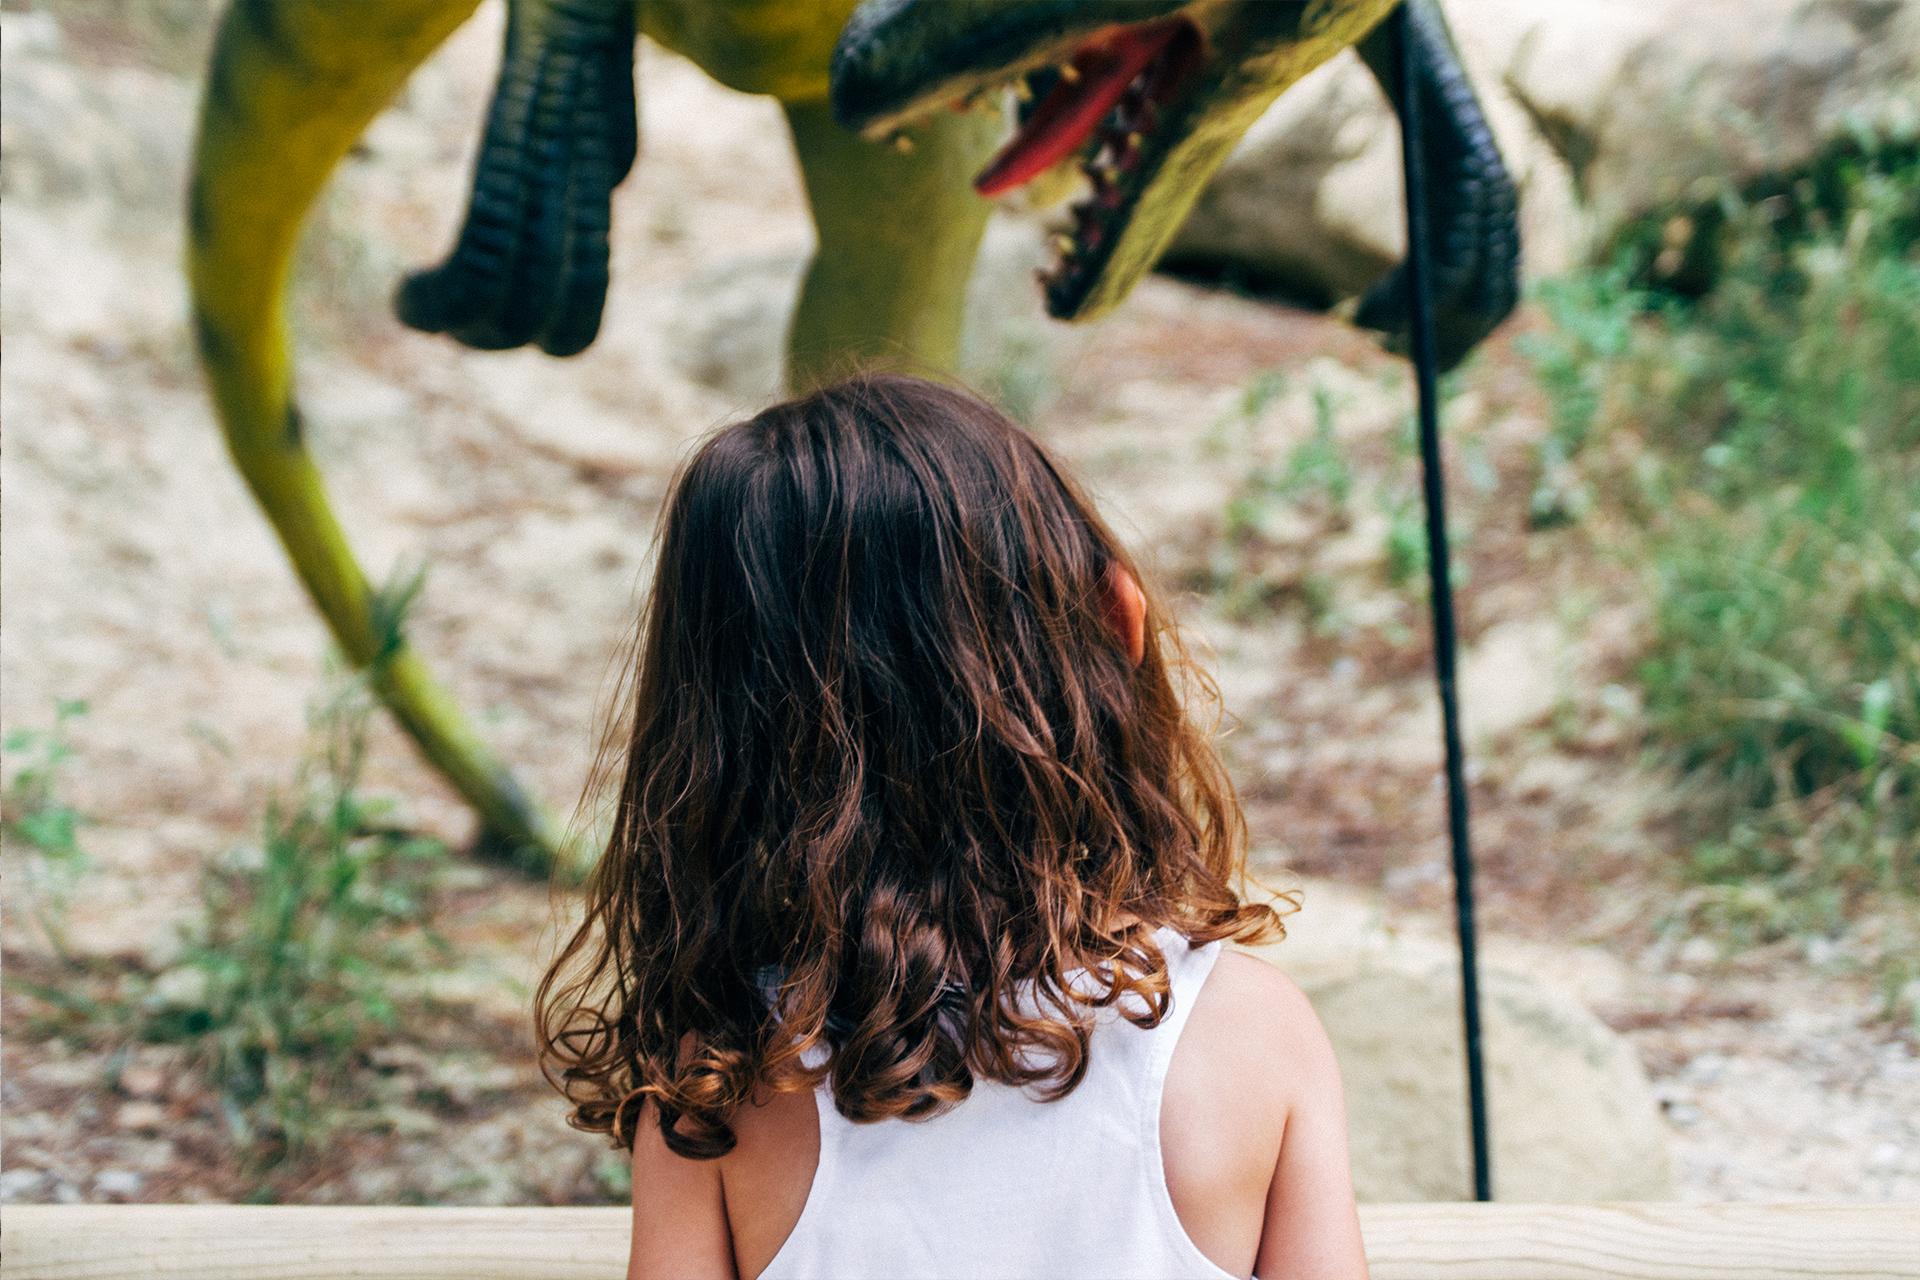 Dinosaur'istres, parcours pédagogique et ludique avec des dinosaures taille réelle  - © Two Black Cameras